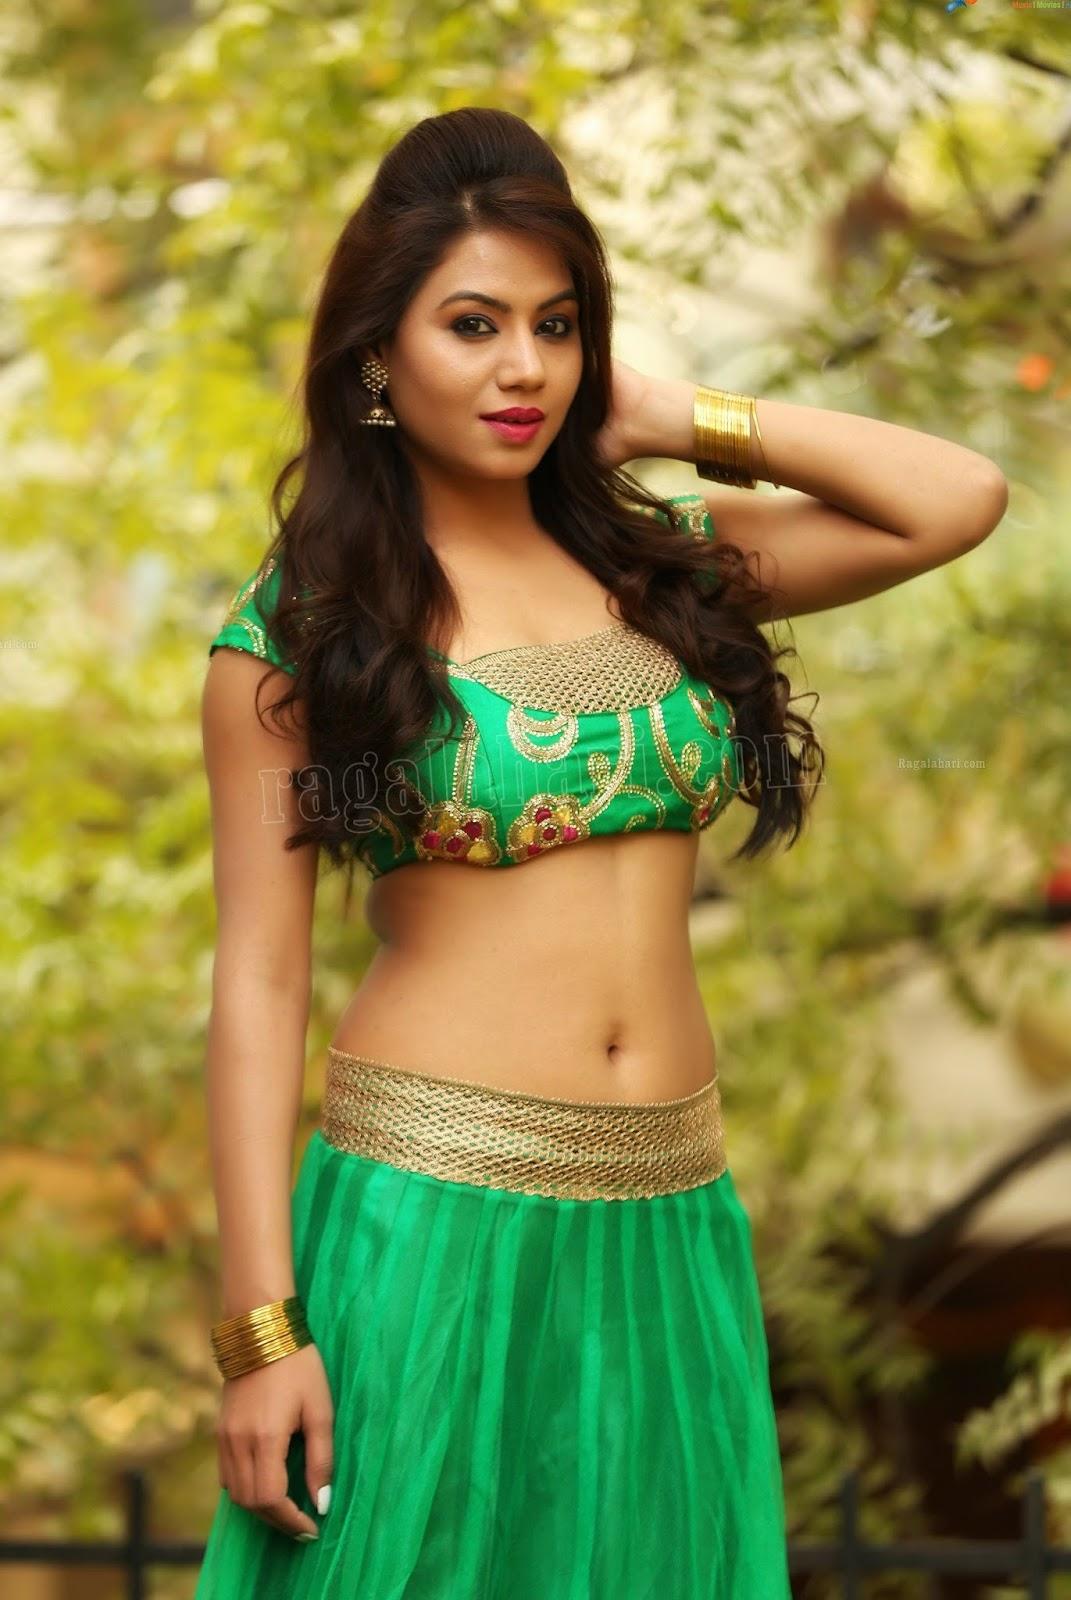 Hot Indian Actress Tanya Desai Hot Sexy Navel-6180